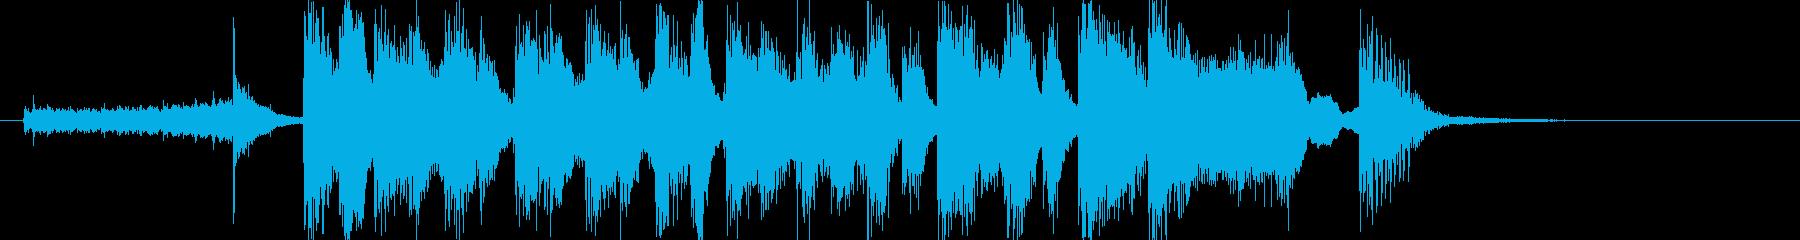 BGM_勝利の小躍りの再生済みの波形